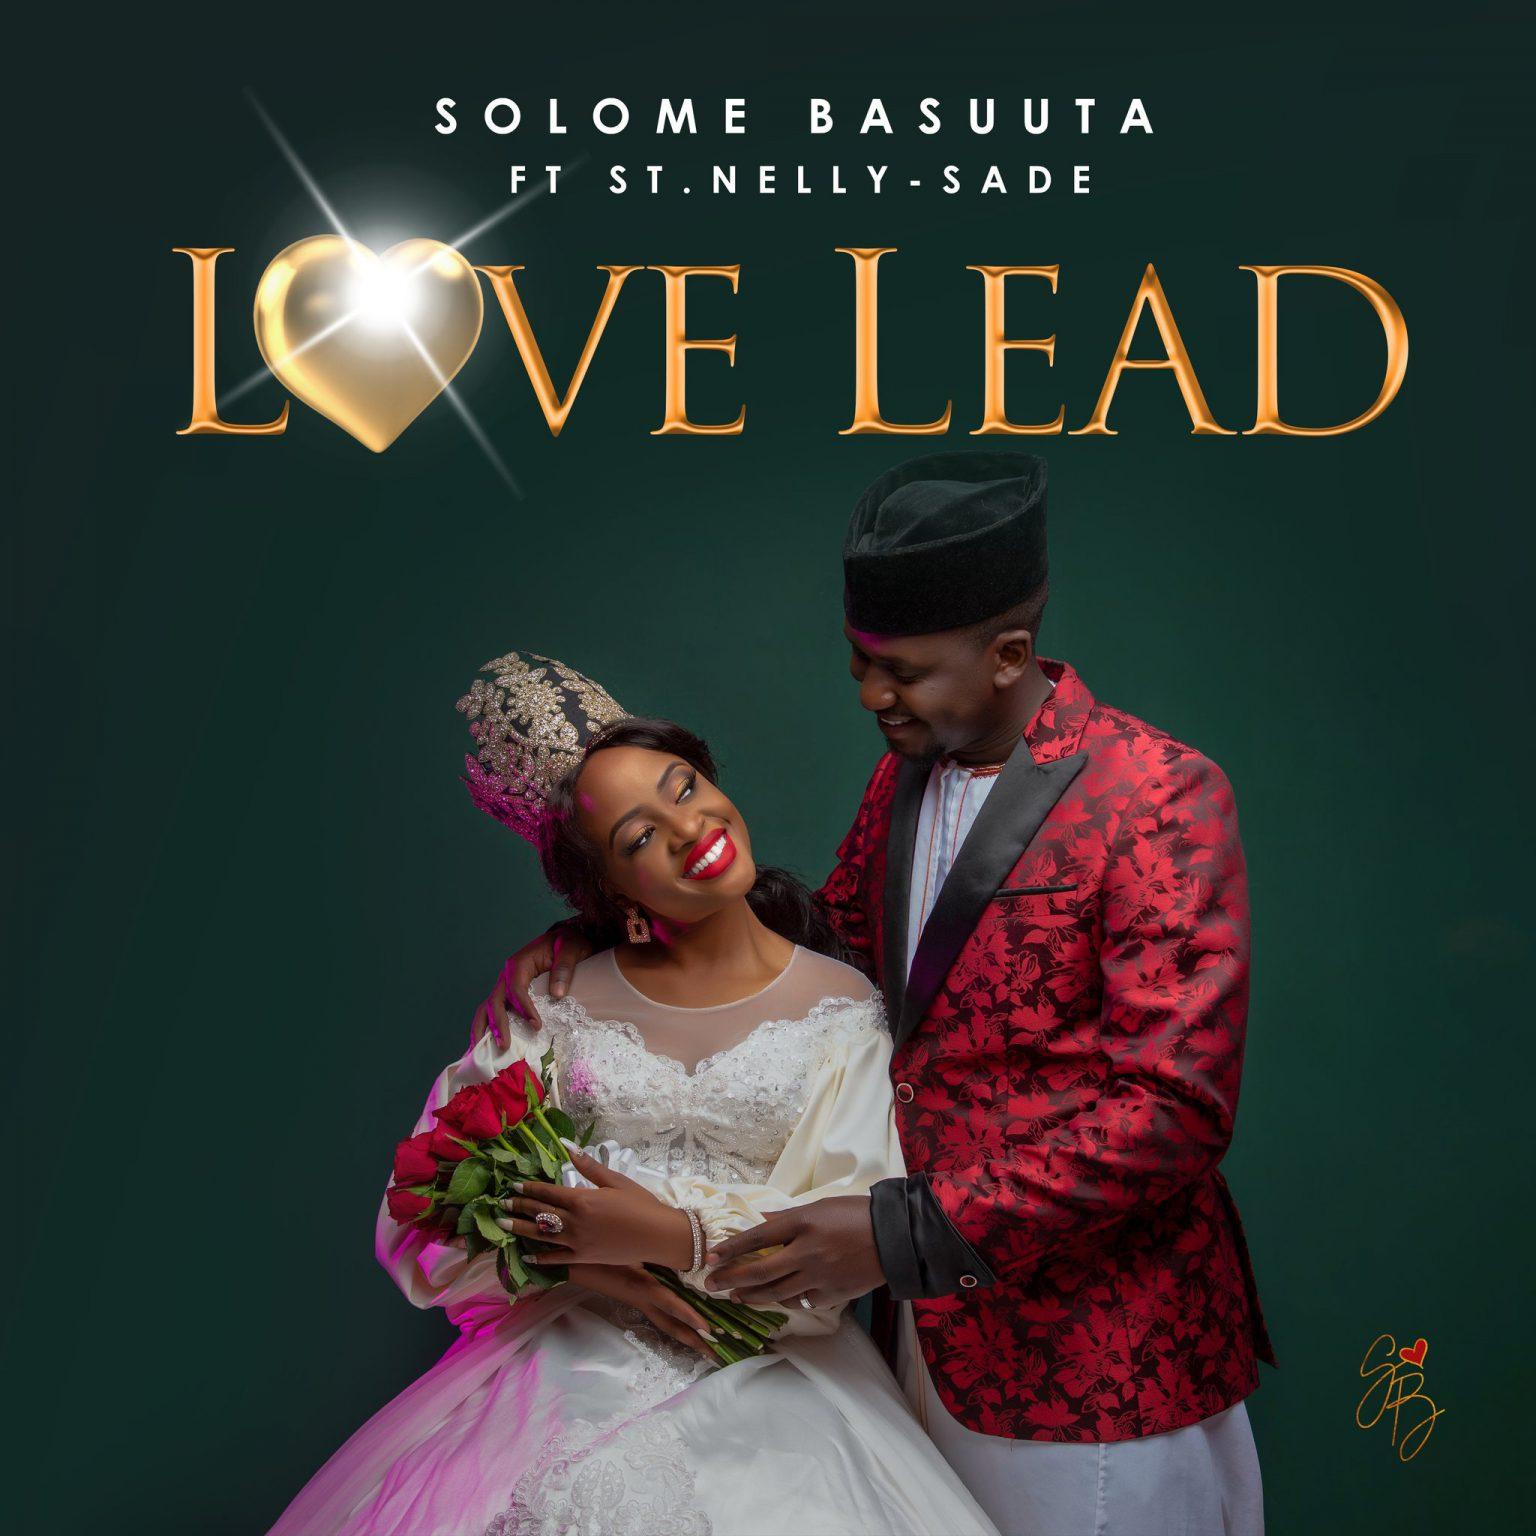 St. Nelly-Sade & Solome Basuuta unite on 'Love Lead' 1 MUGIBSON WRITES